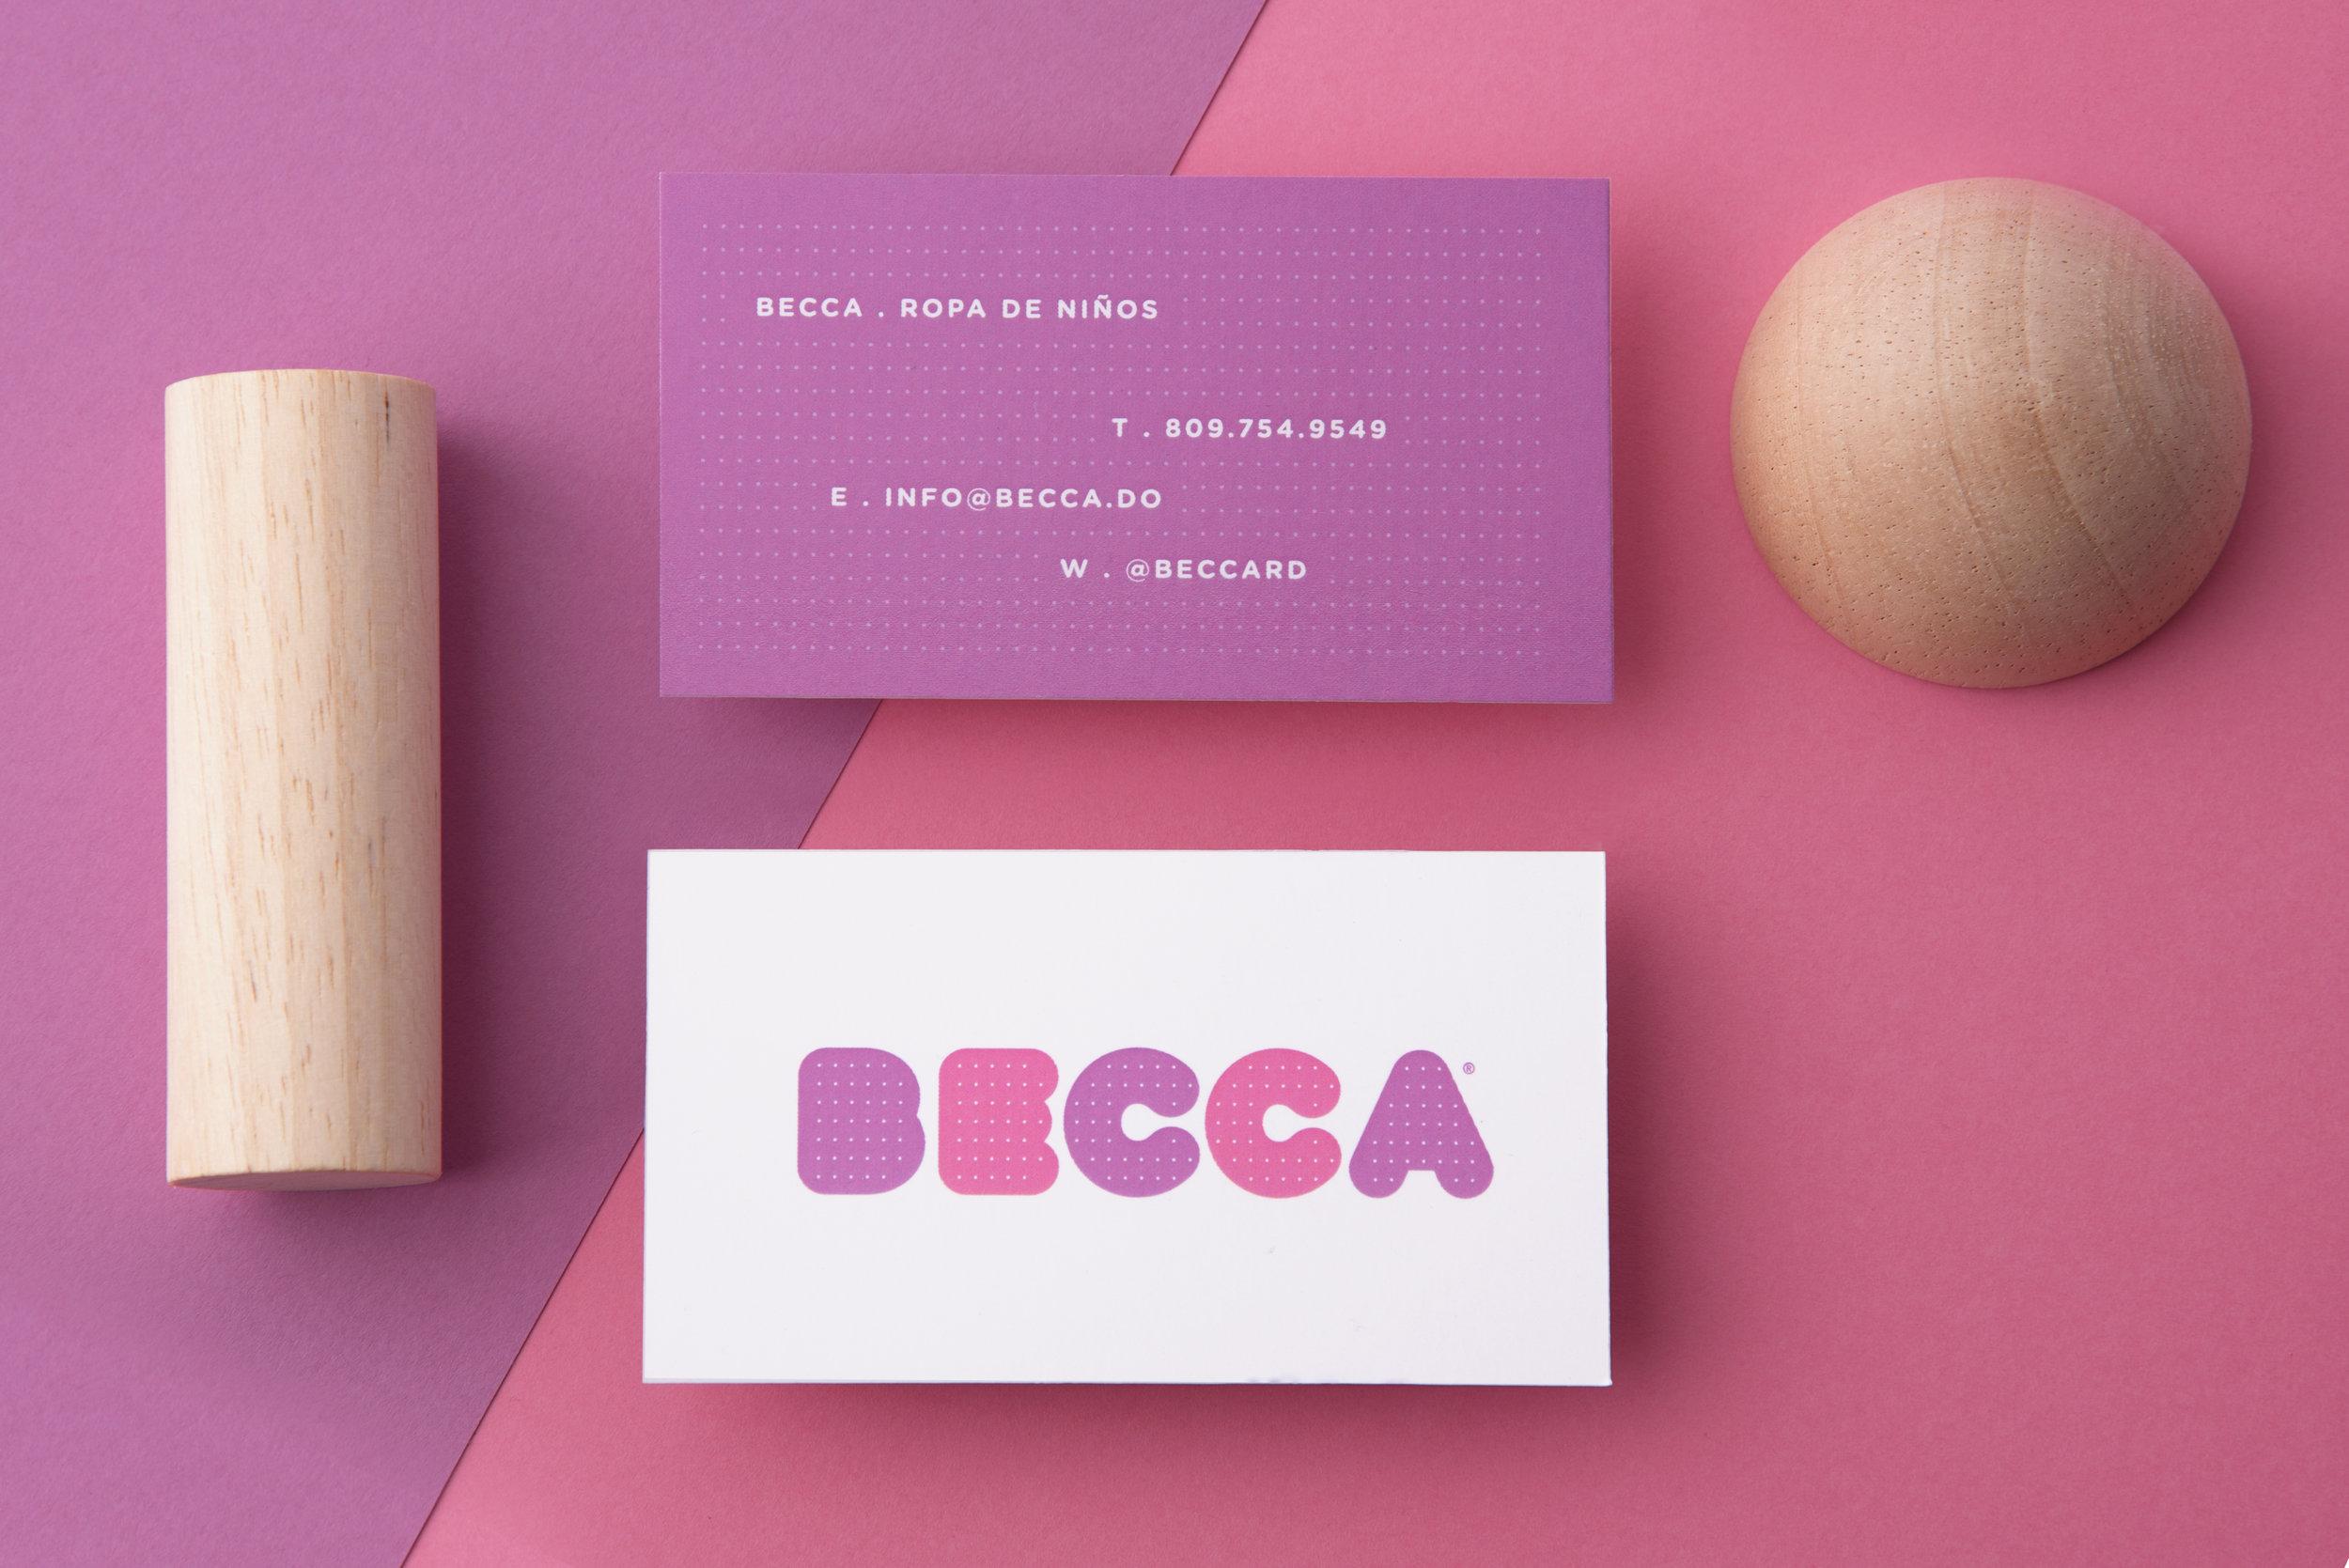 BECCA02b.jpg